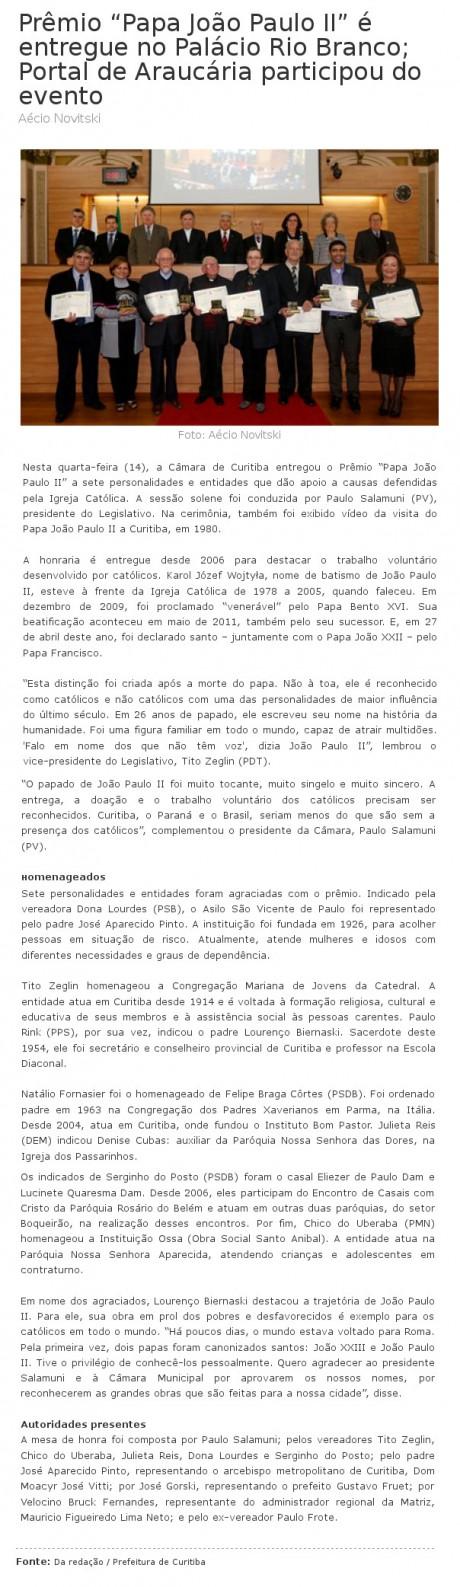 PORTAL DE ARAUCARIA 15 05